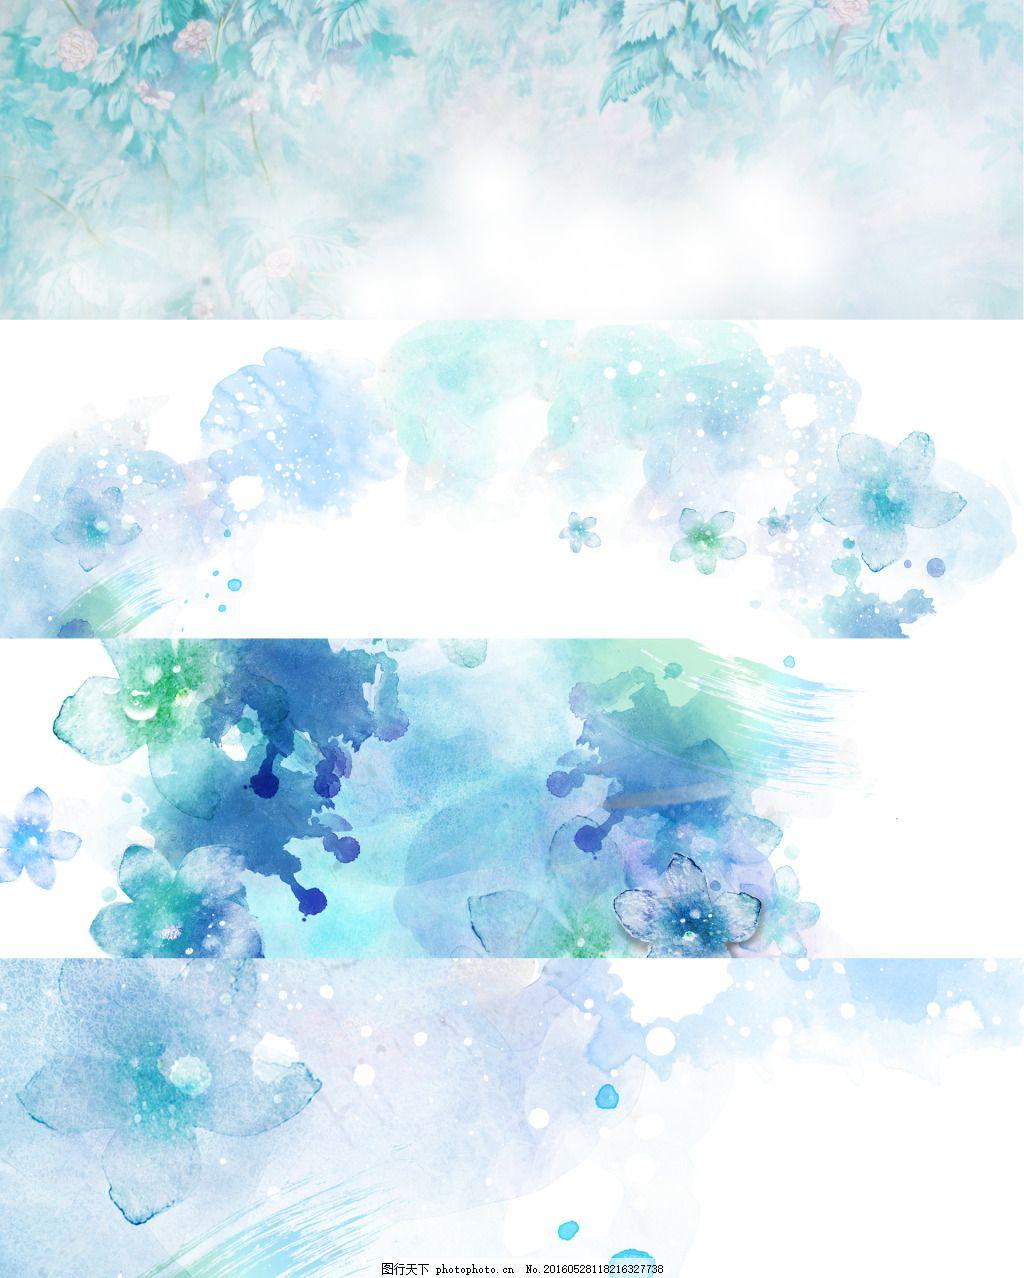 小清新海报背景图 春季海报 底纹 蓝色 淘宝全屏海报背景 夏天海边